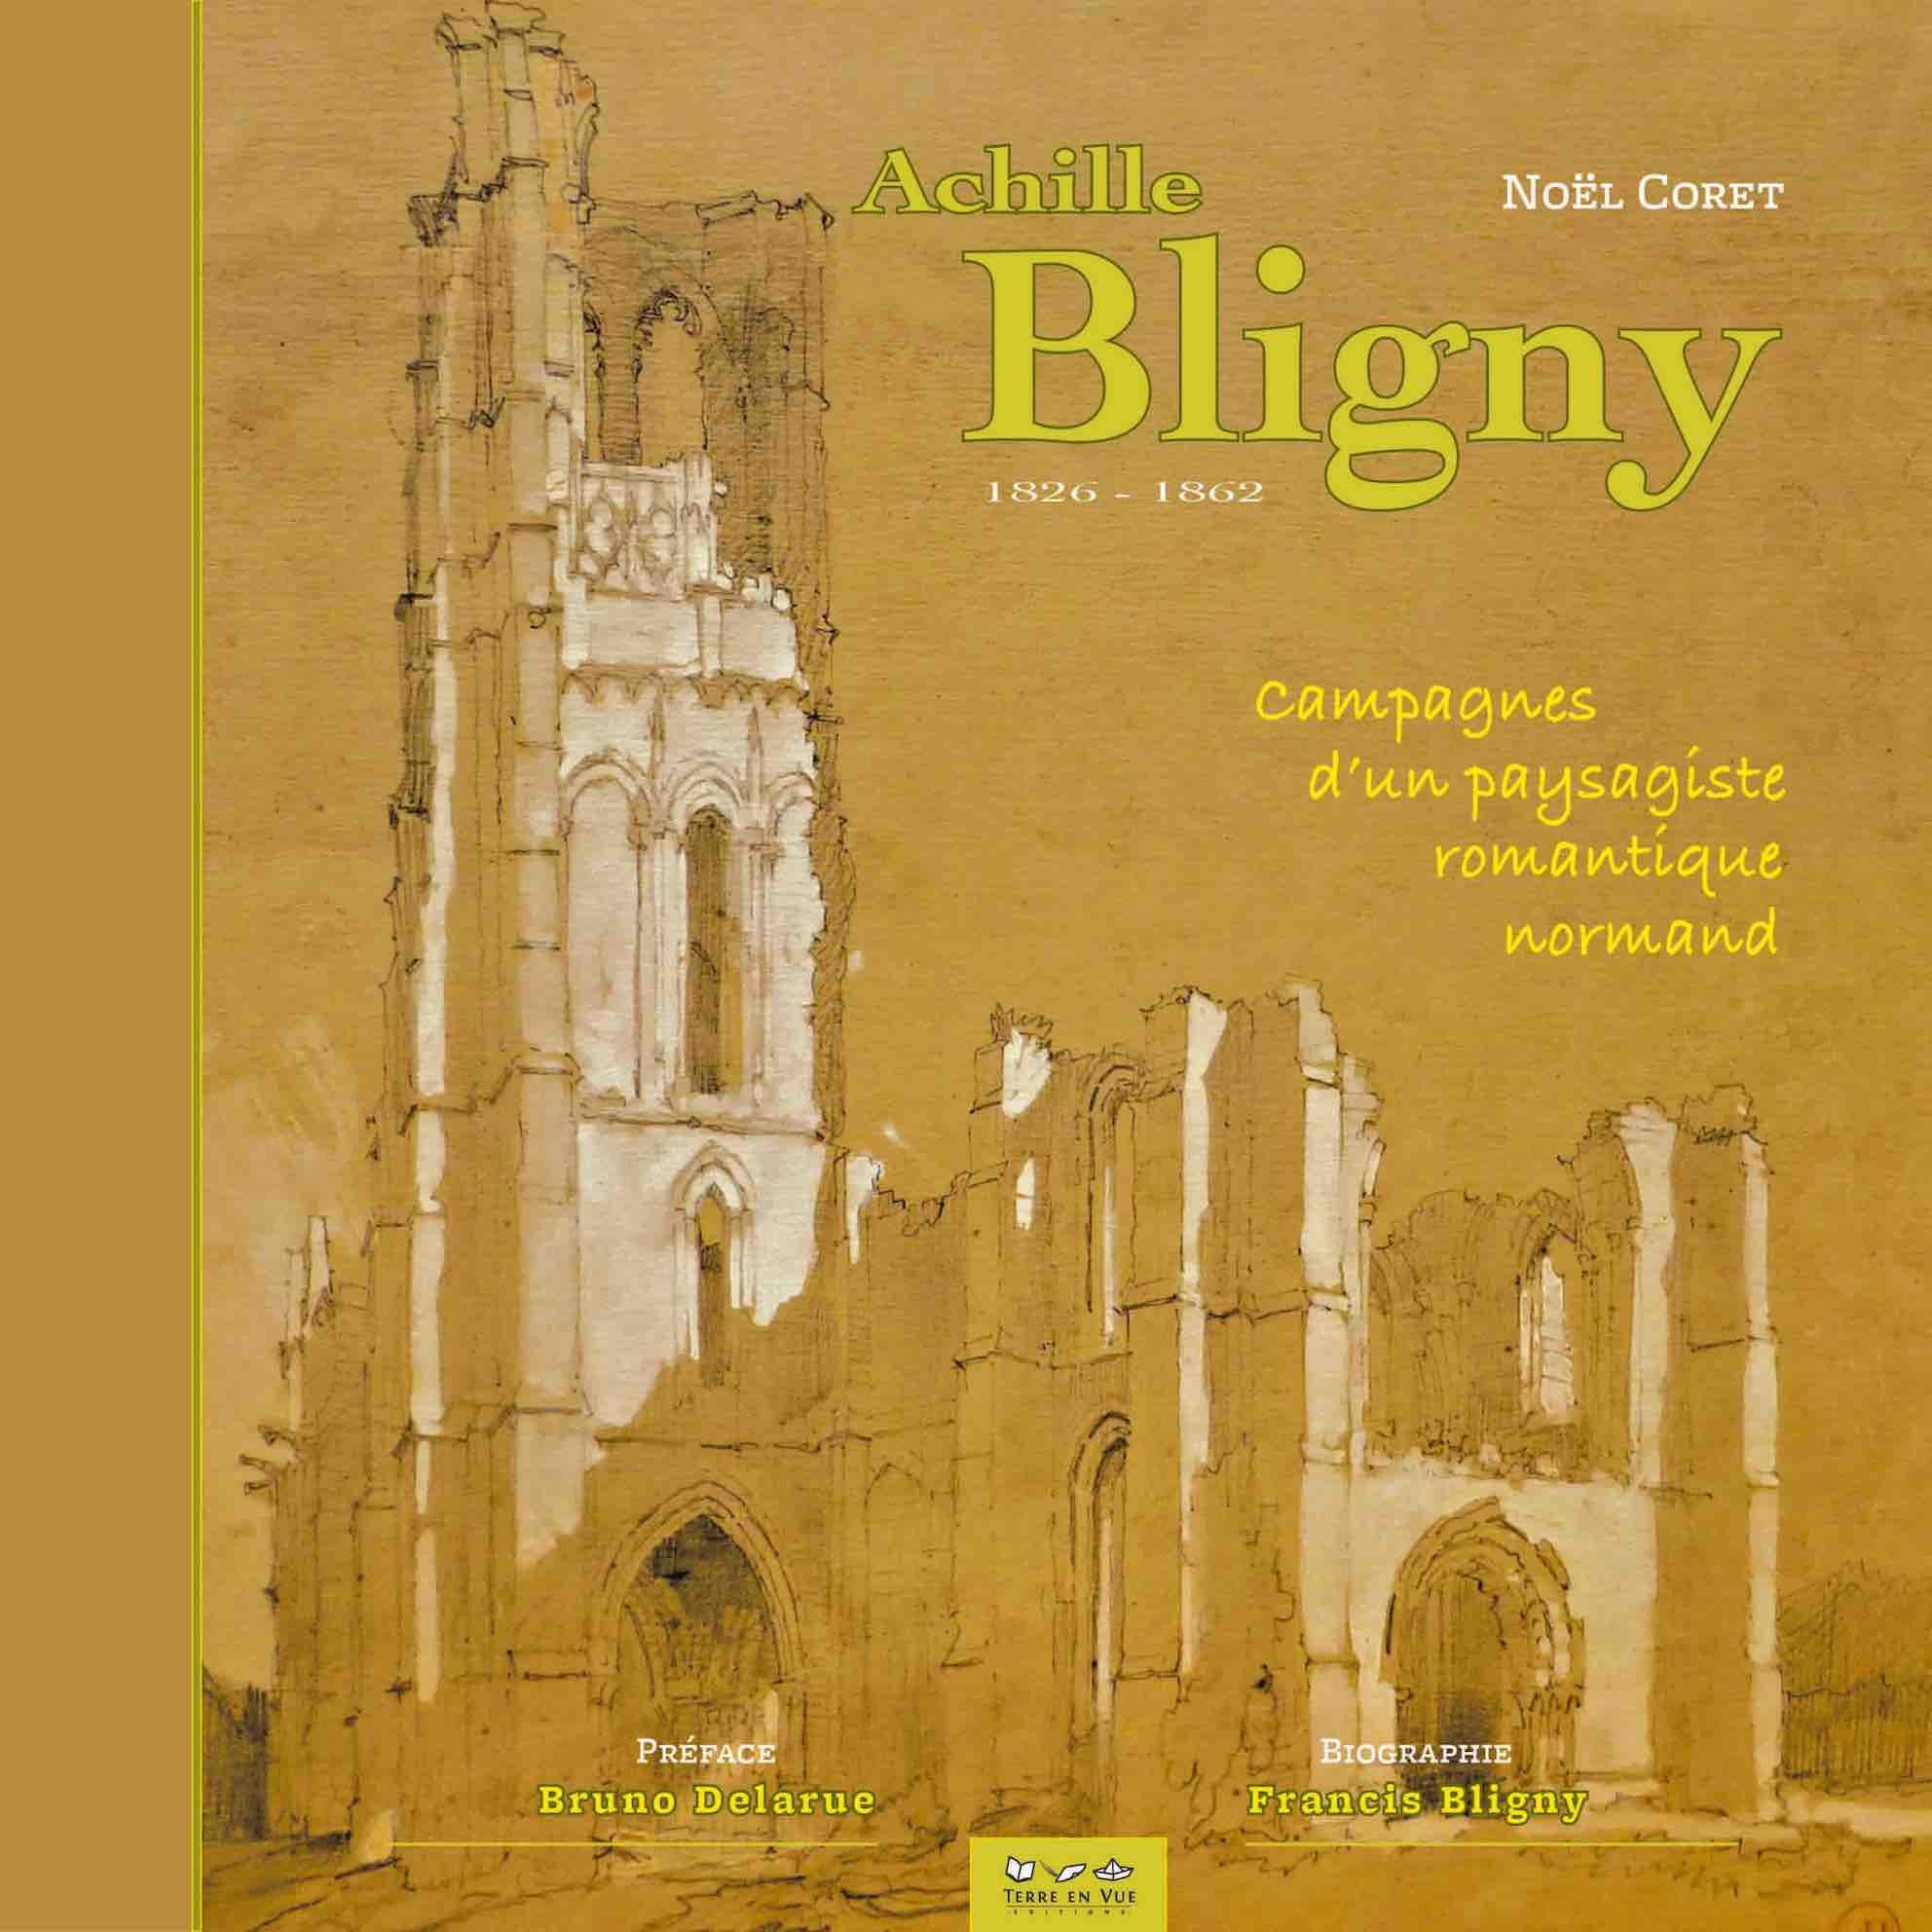 ACHILLE BLIGNY 1826-1862